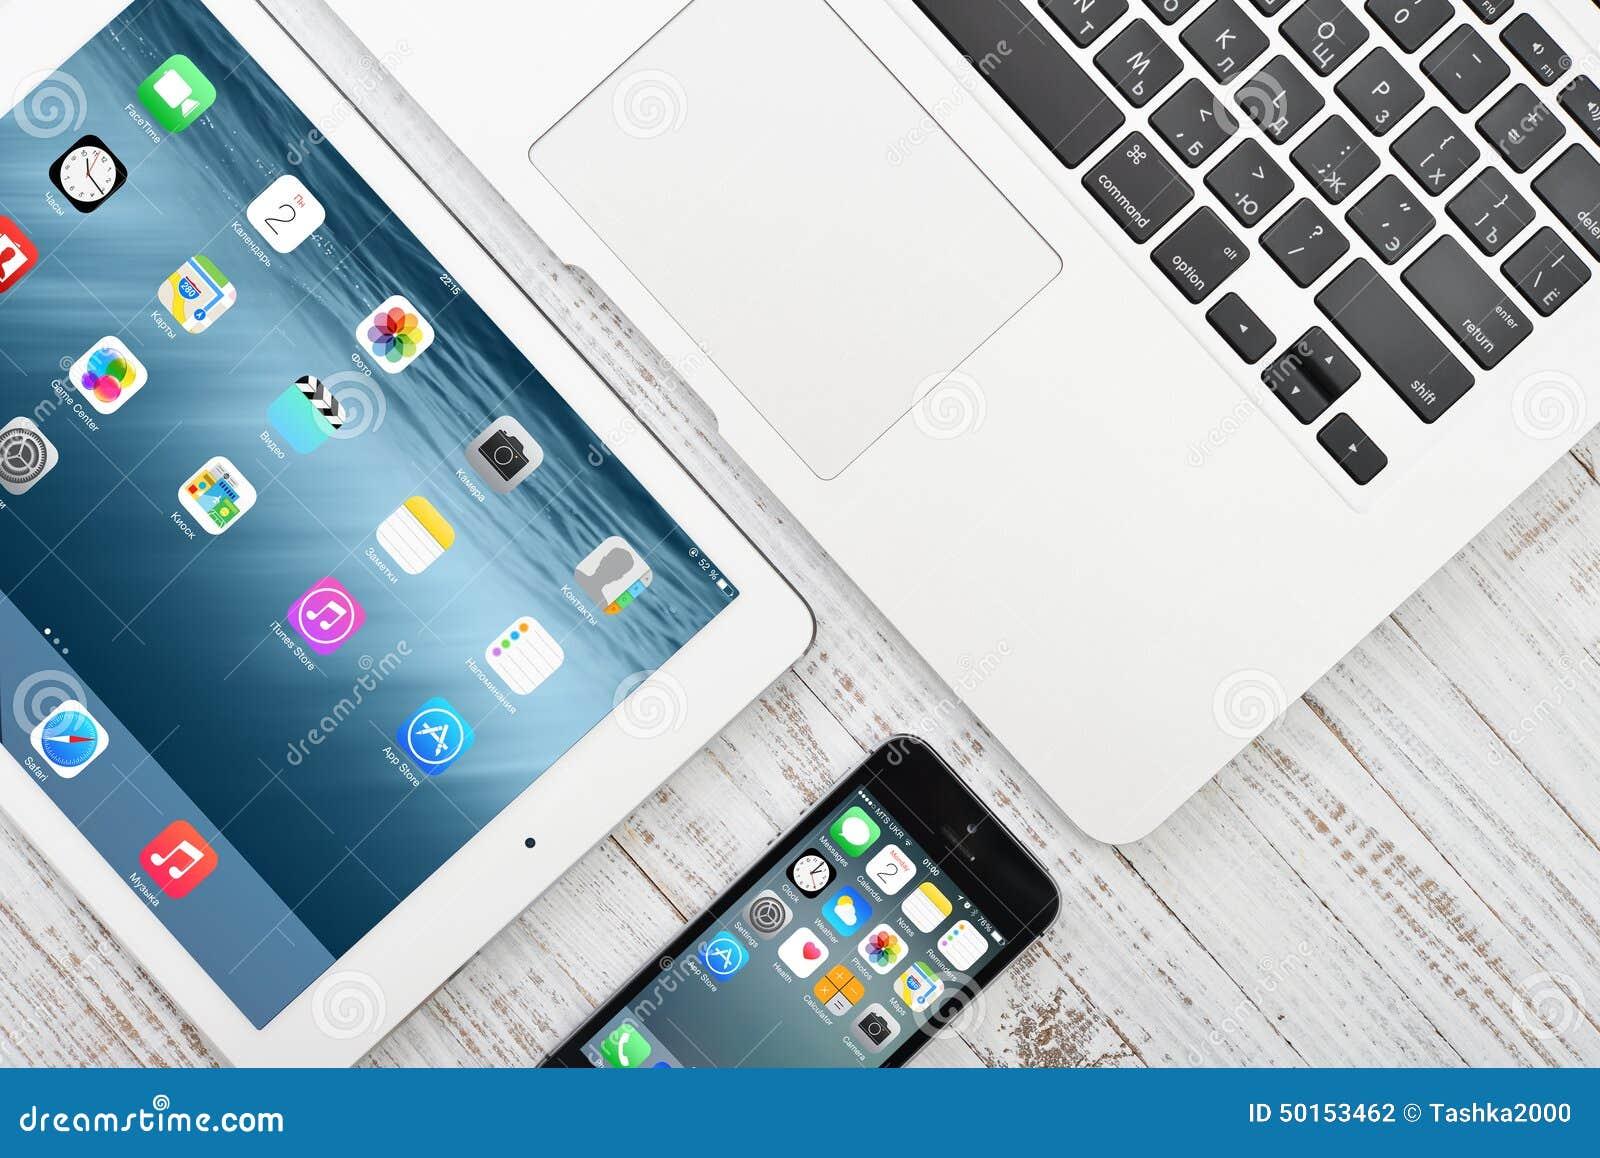 Imac inc иллюстрации яблока приборы